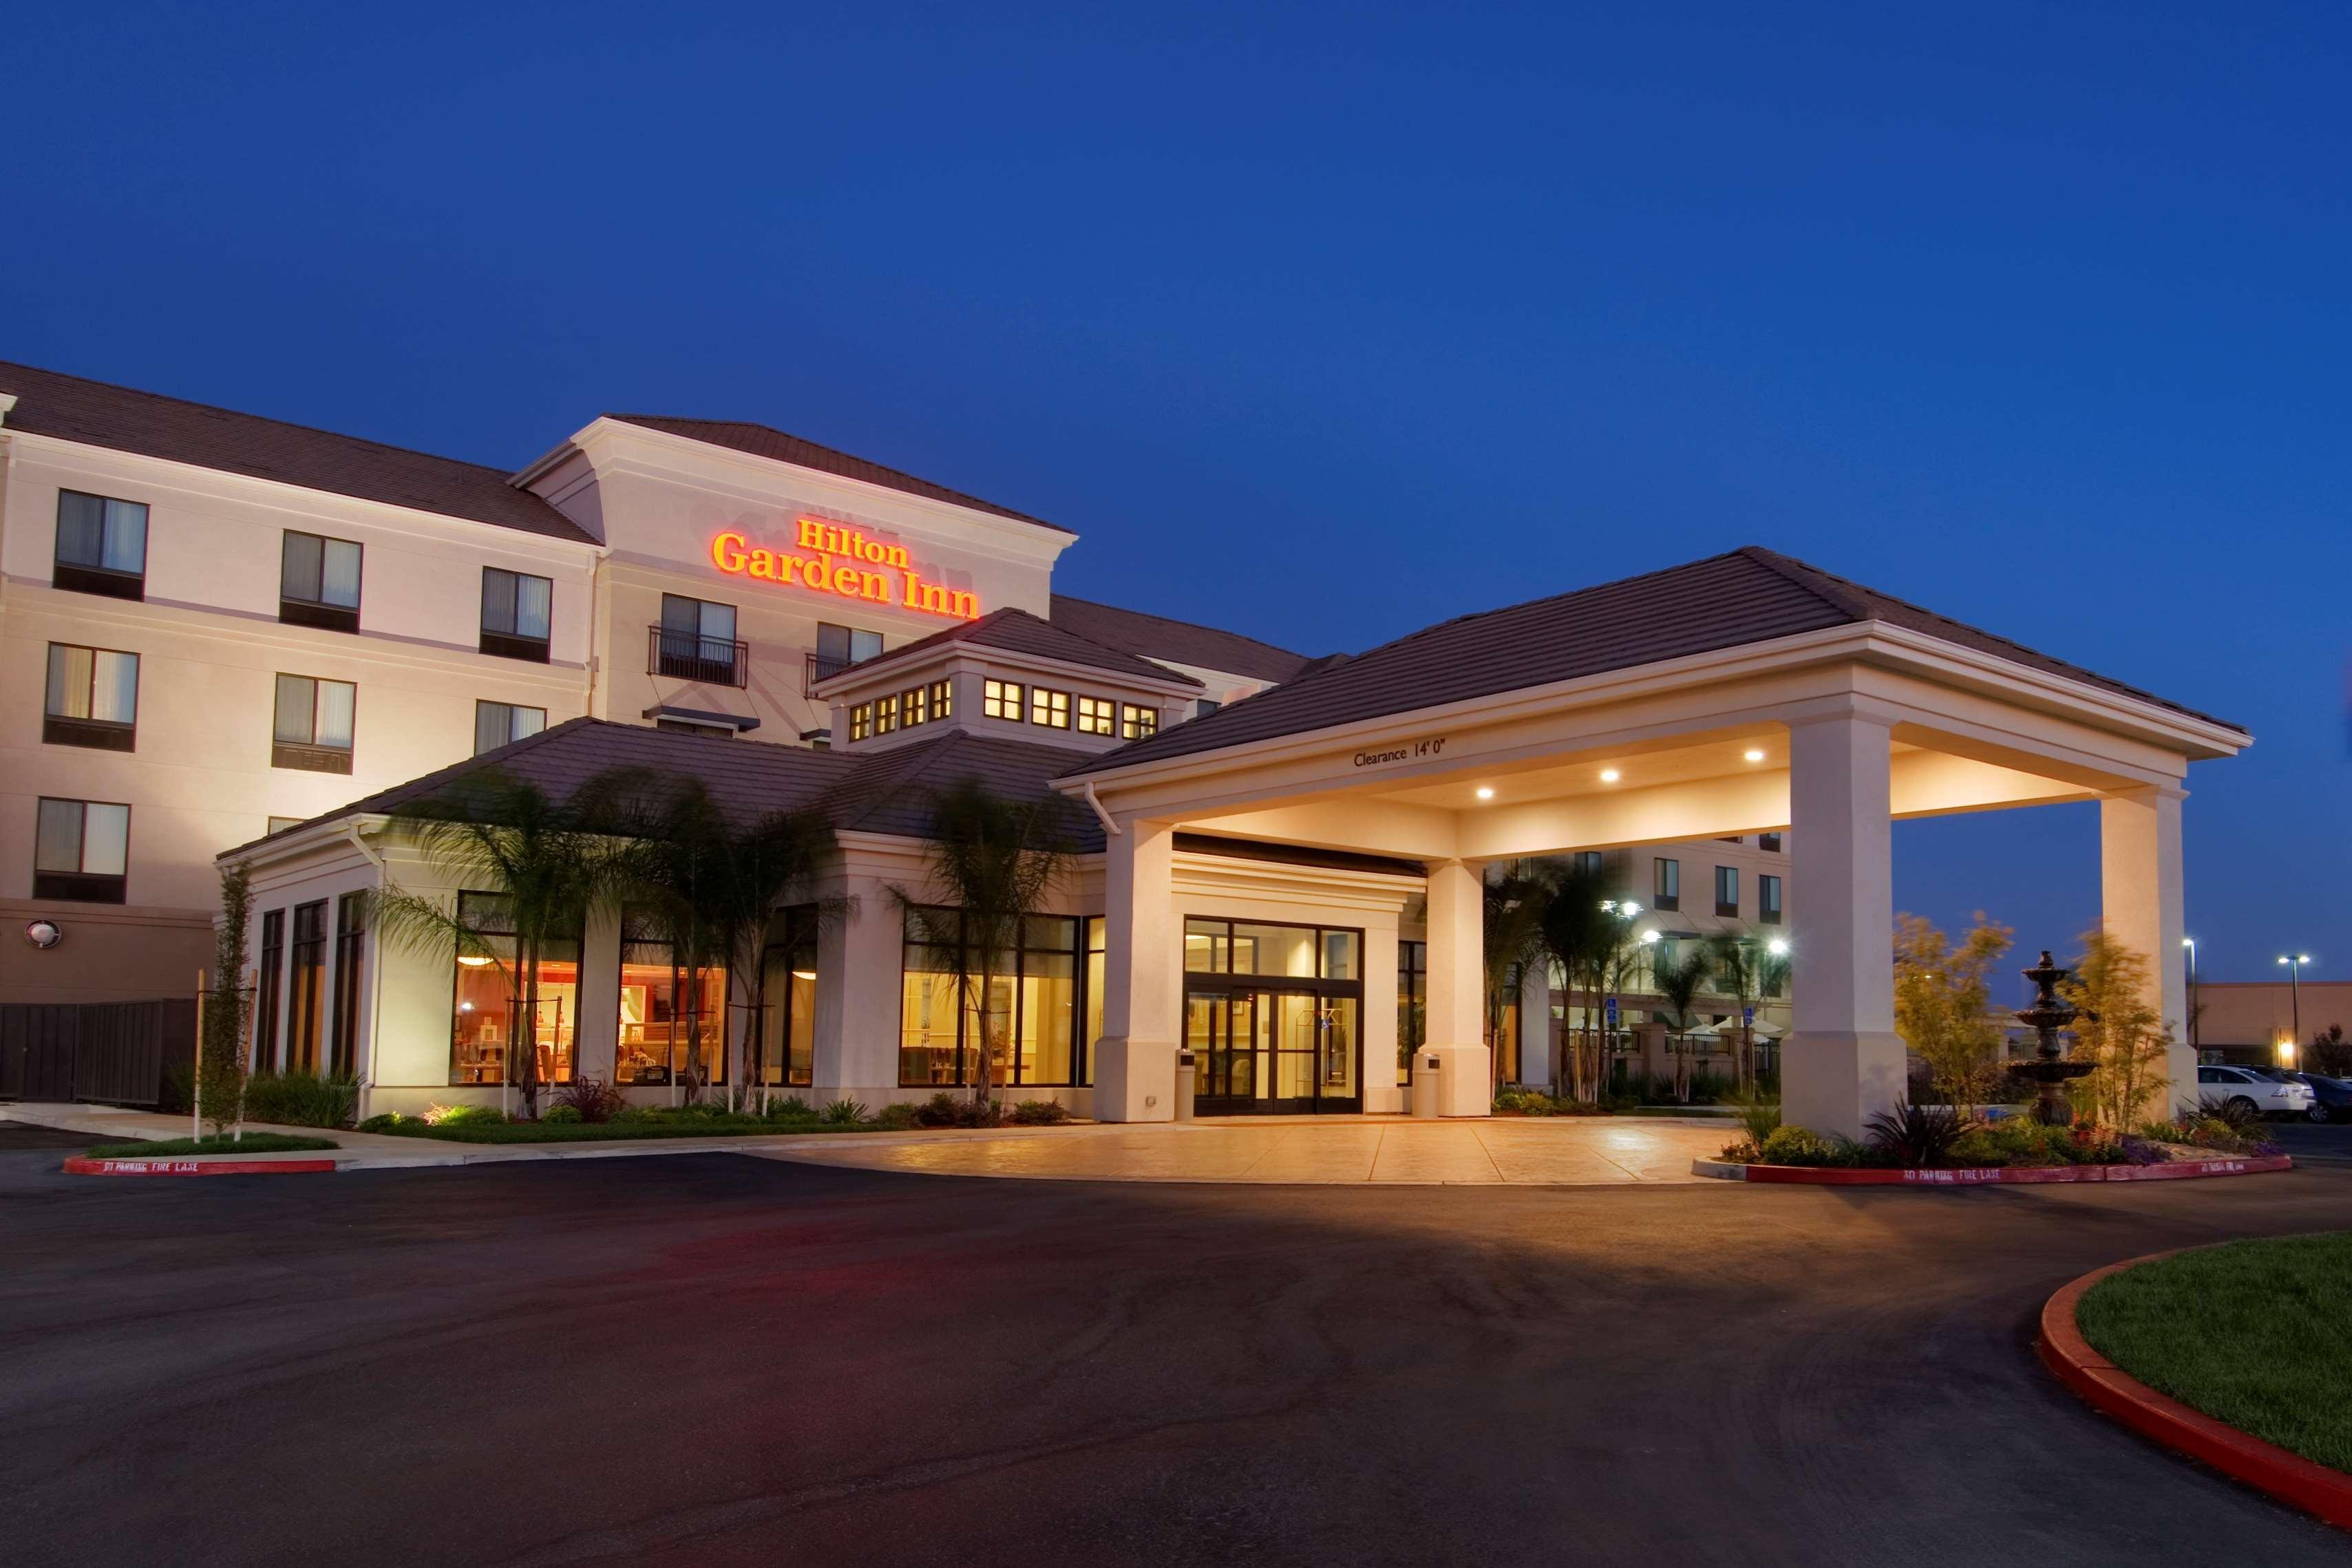 Hilton Garden Inn Sacramento Elk Grove image 0